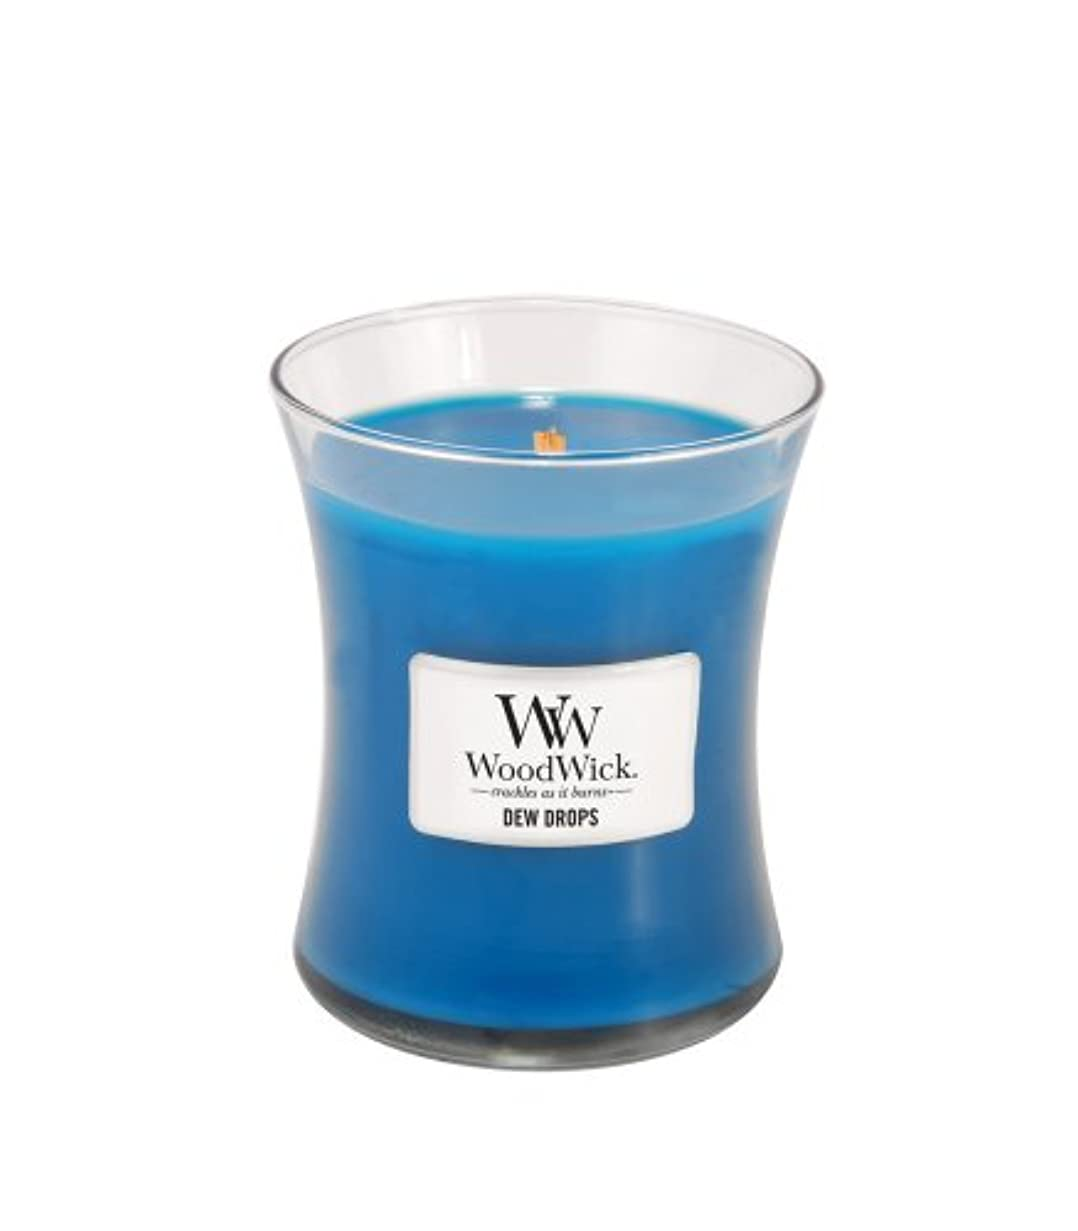 旅行同化拡大する(Medium) - WoodWick Dew Drops Fragrance Jar Candle, Medium